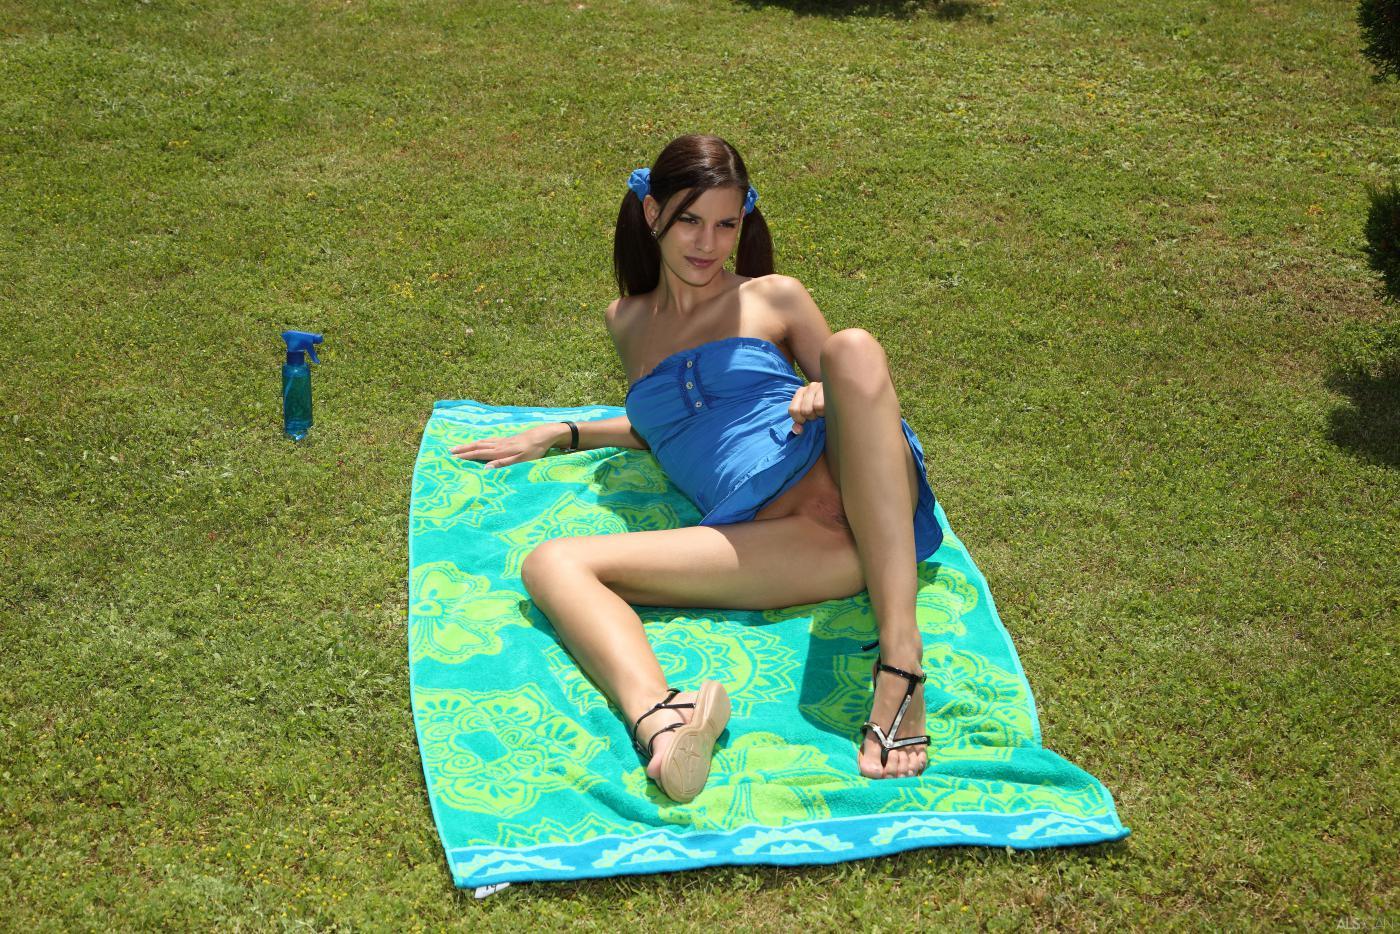 Элегантная и гибкая девочка Candice Luca - высокая брюнетка и она позирует для нас обнаженной на природе